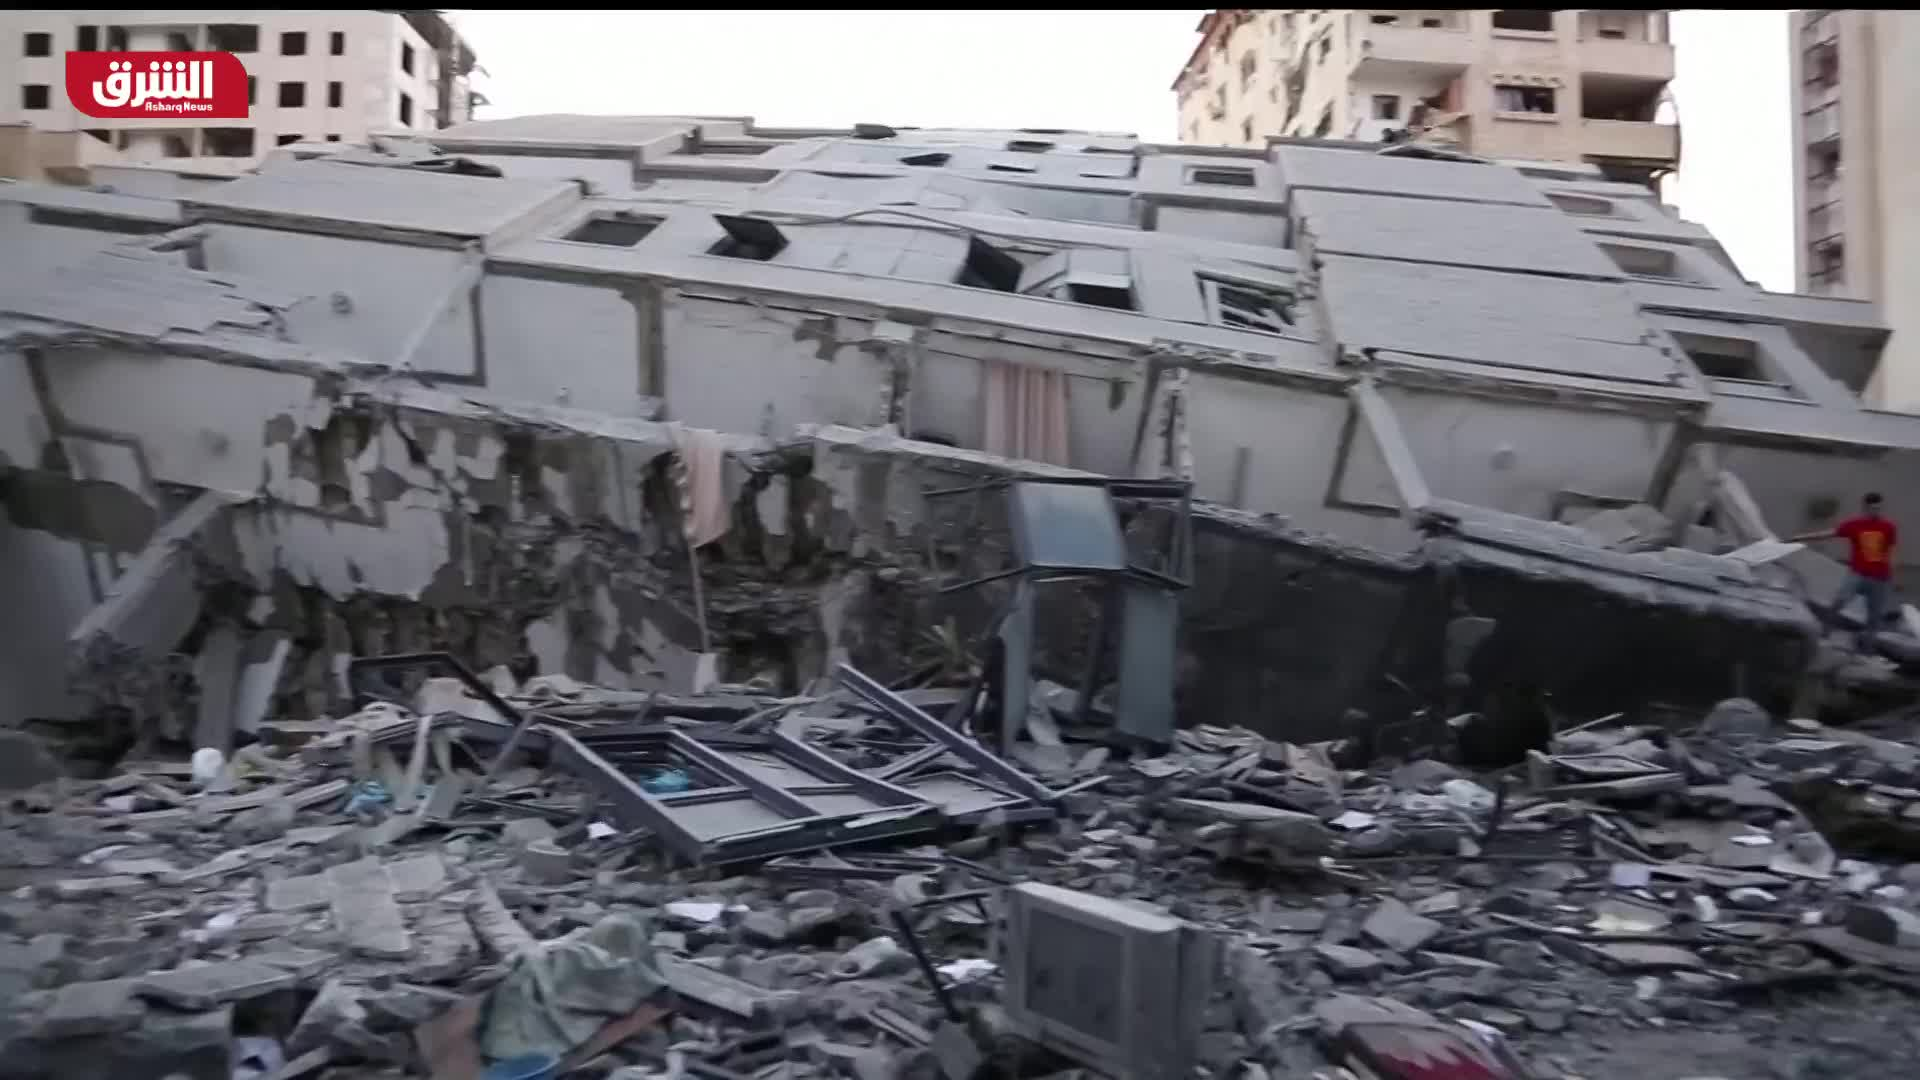 المنظمات الدولية تحذر من كارثة إنسانية مع تصاعد العنف في غزة